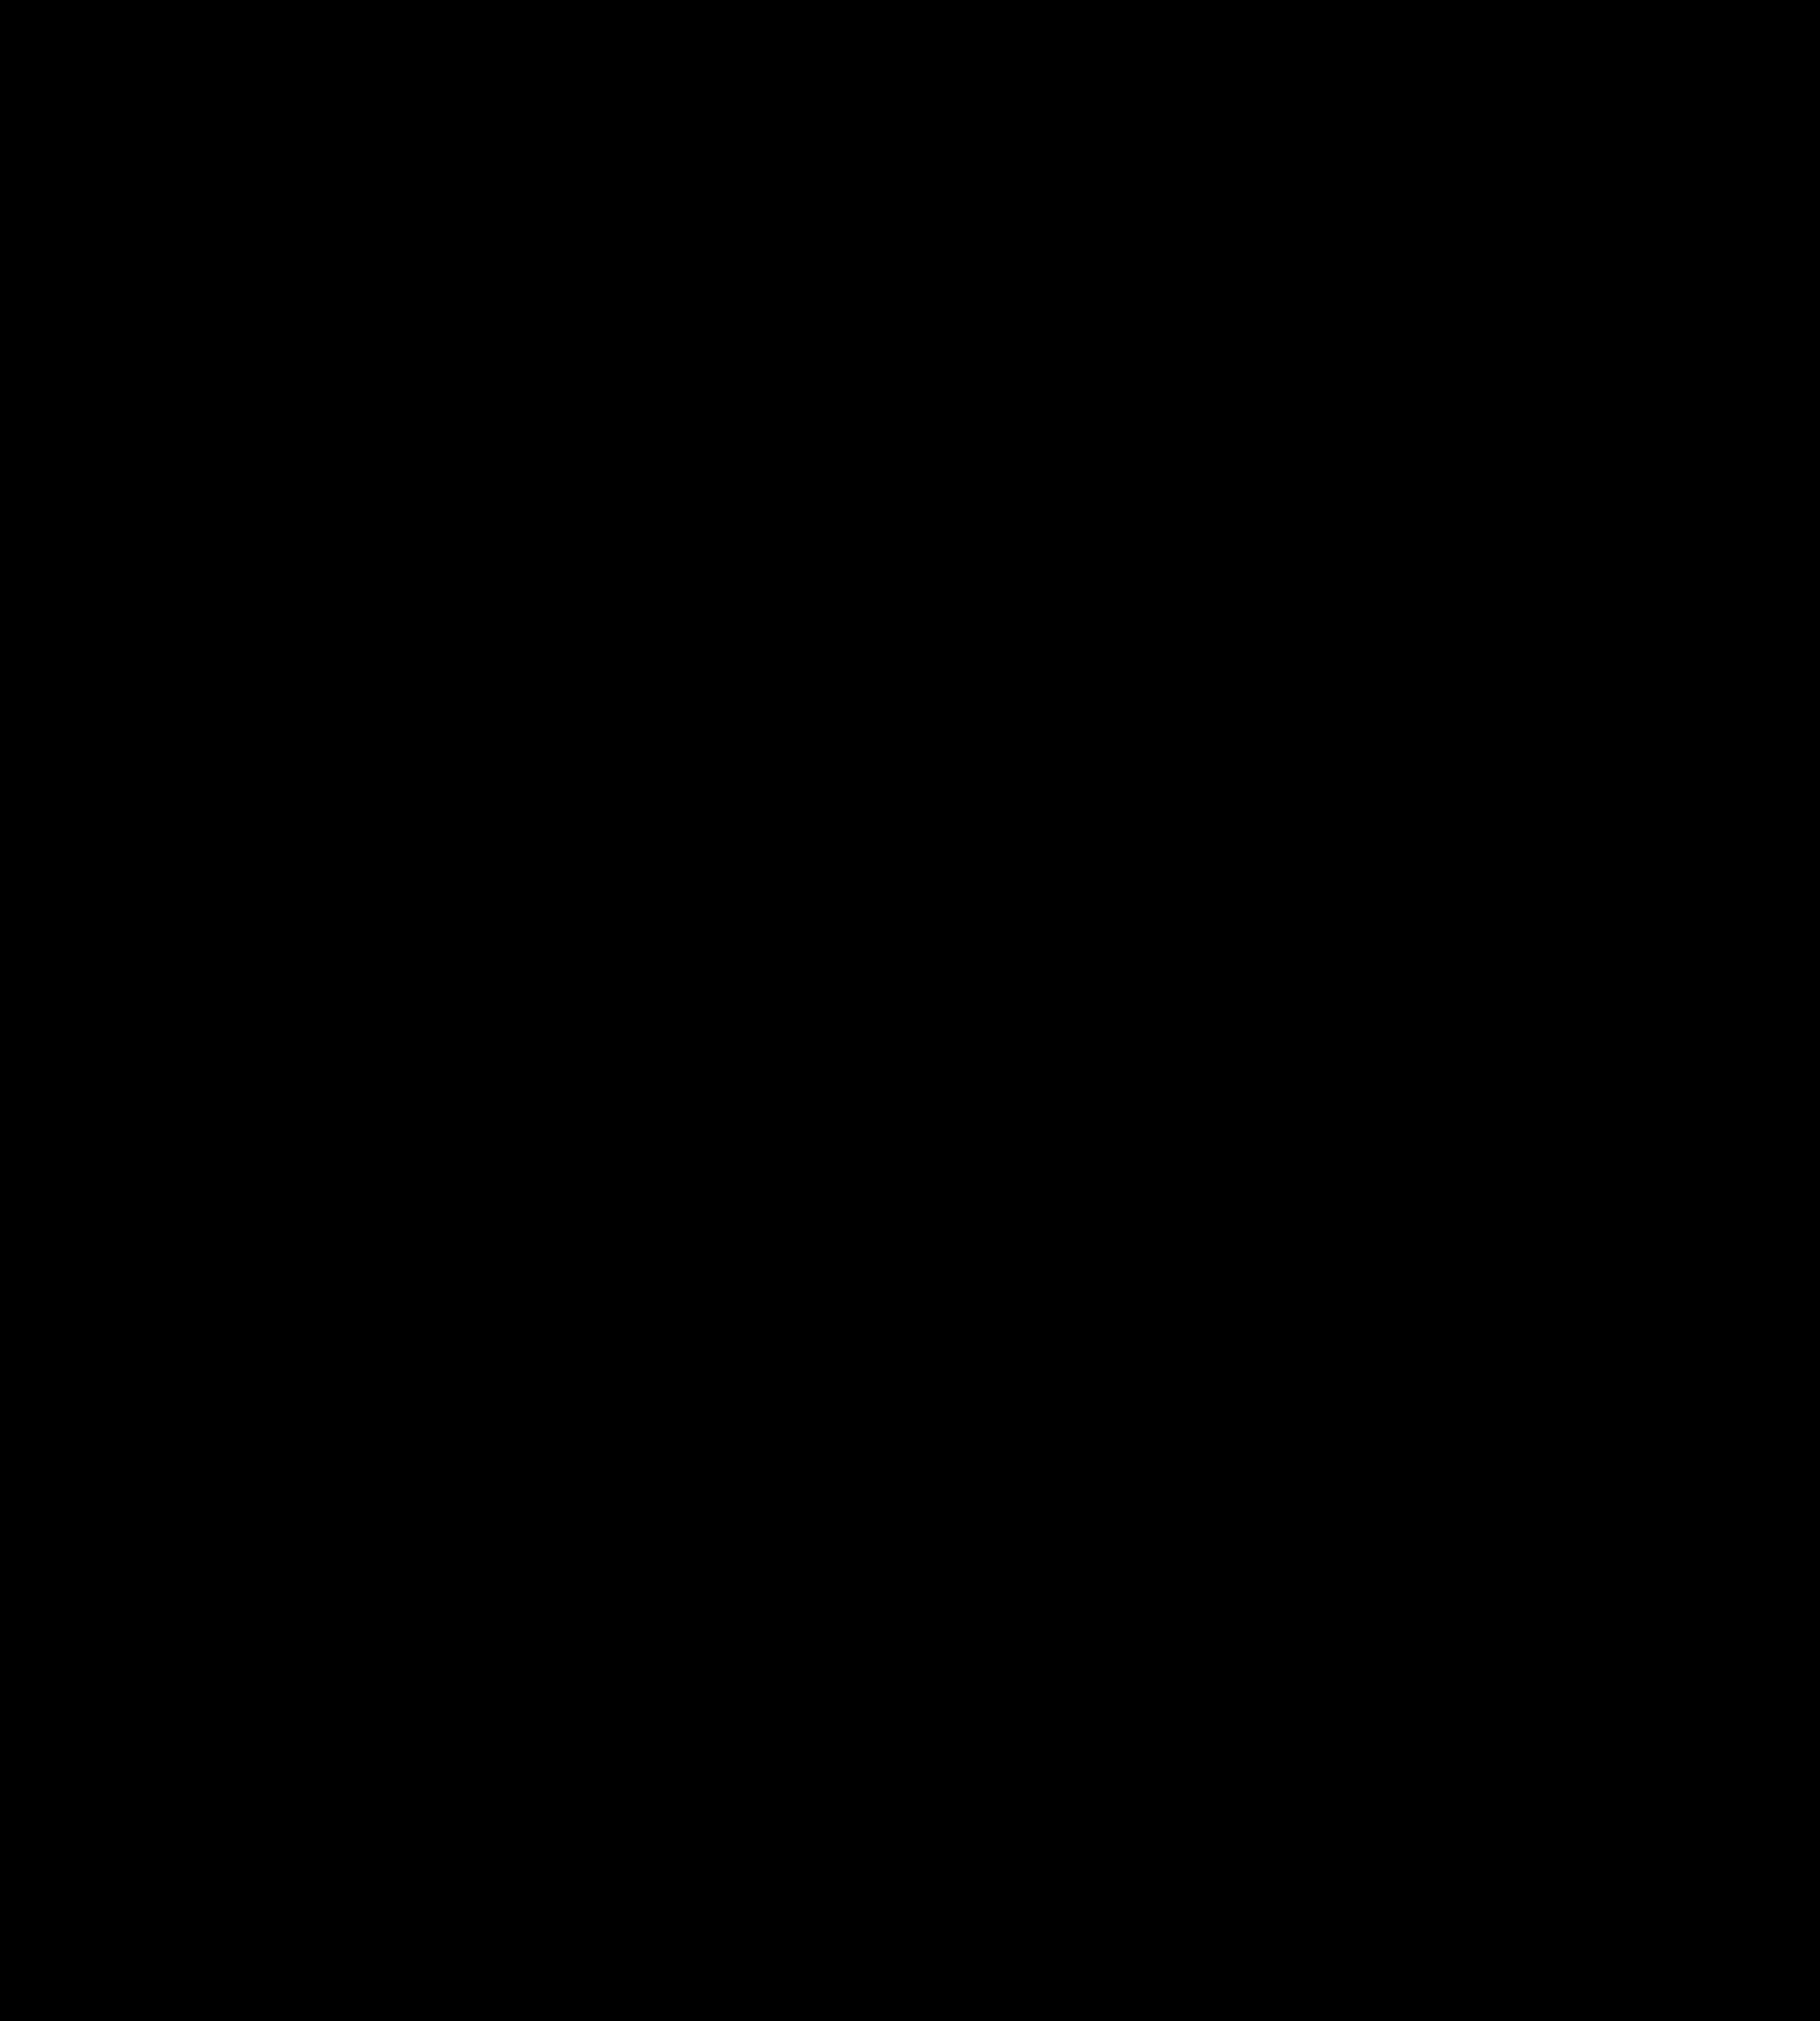 7655x8500 T Shirt Shirt Outline Clip Art Clipart Clipart